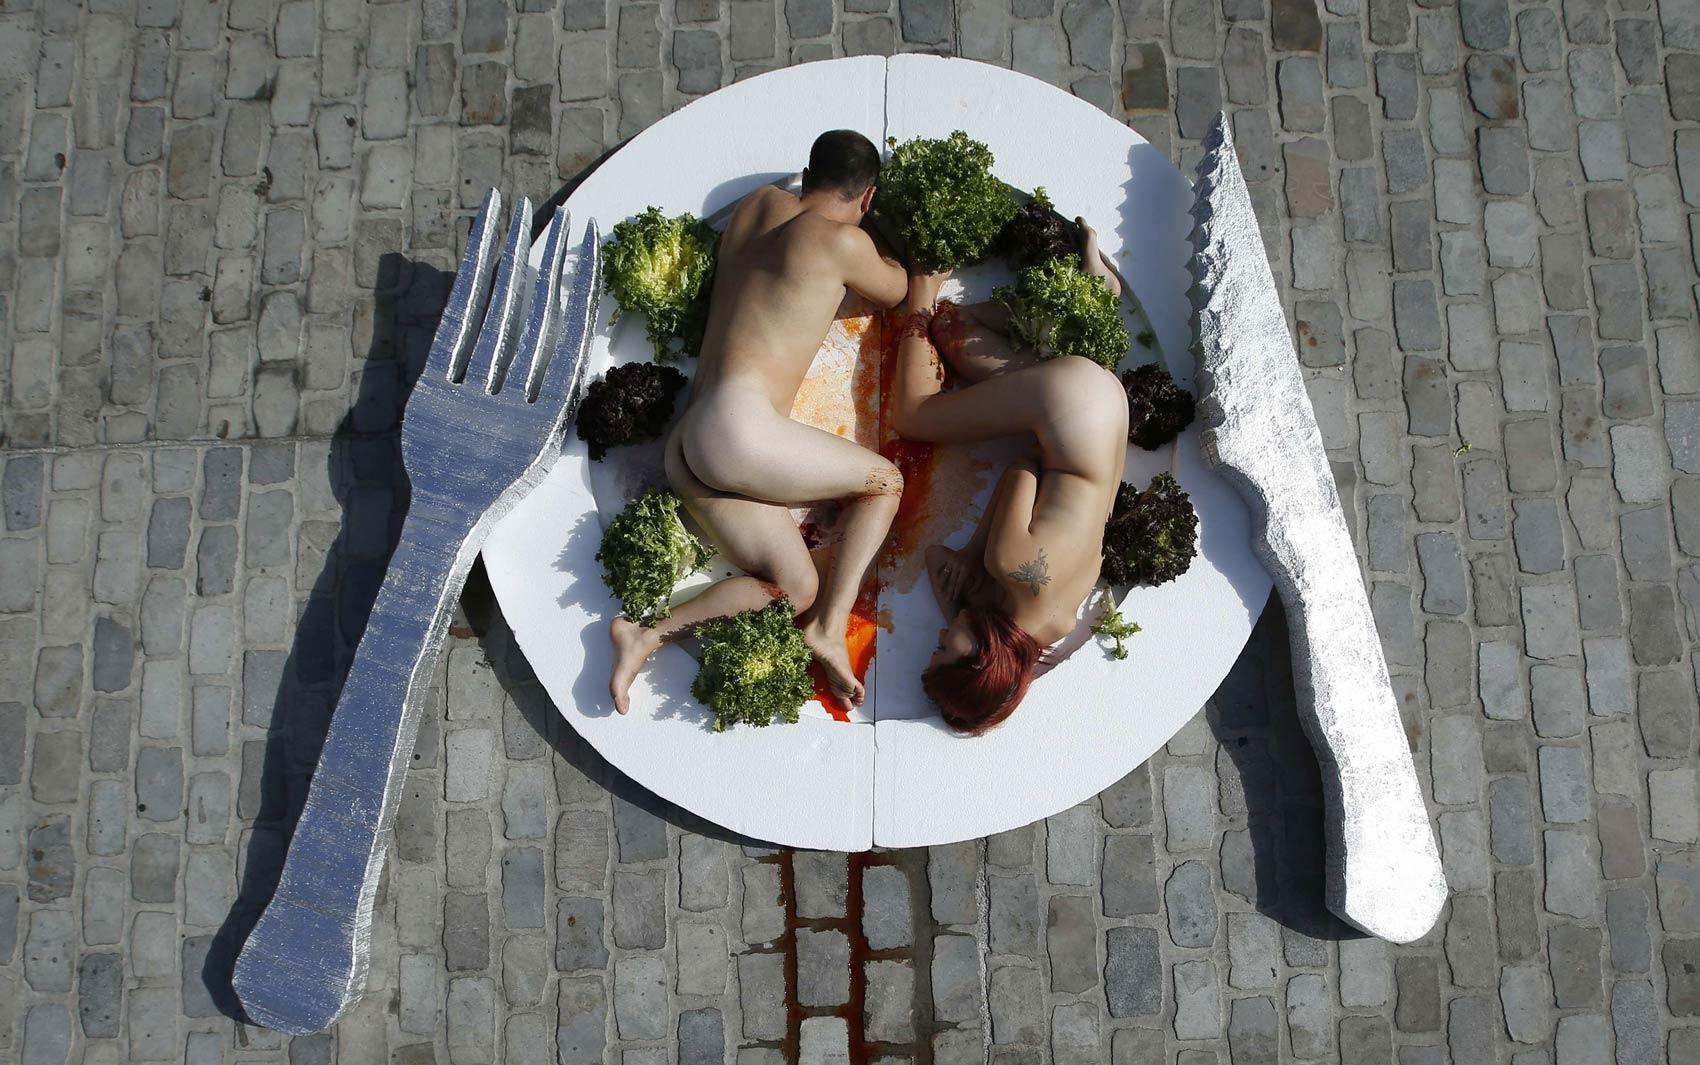 Casal 'se serve' nu em um prato gigante em protesto promovendo o vegetarianismo no centro de Barcelona, na Espanha.